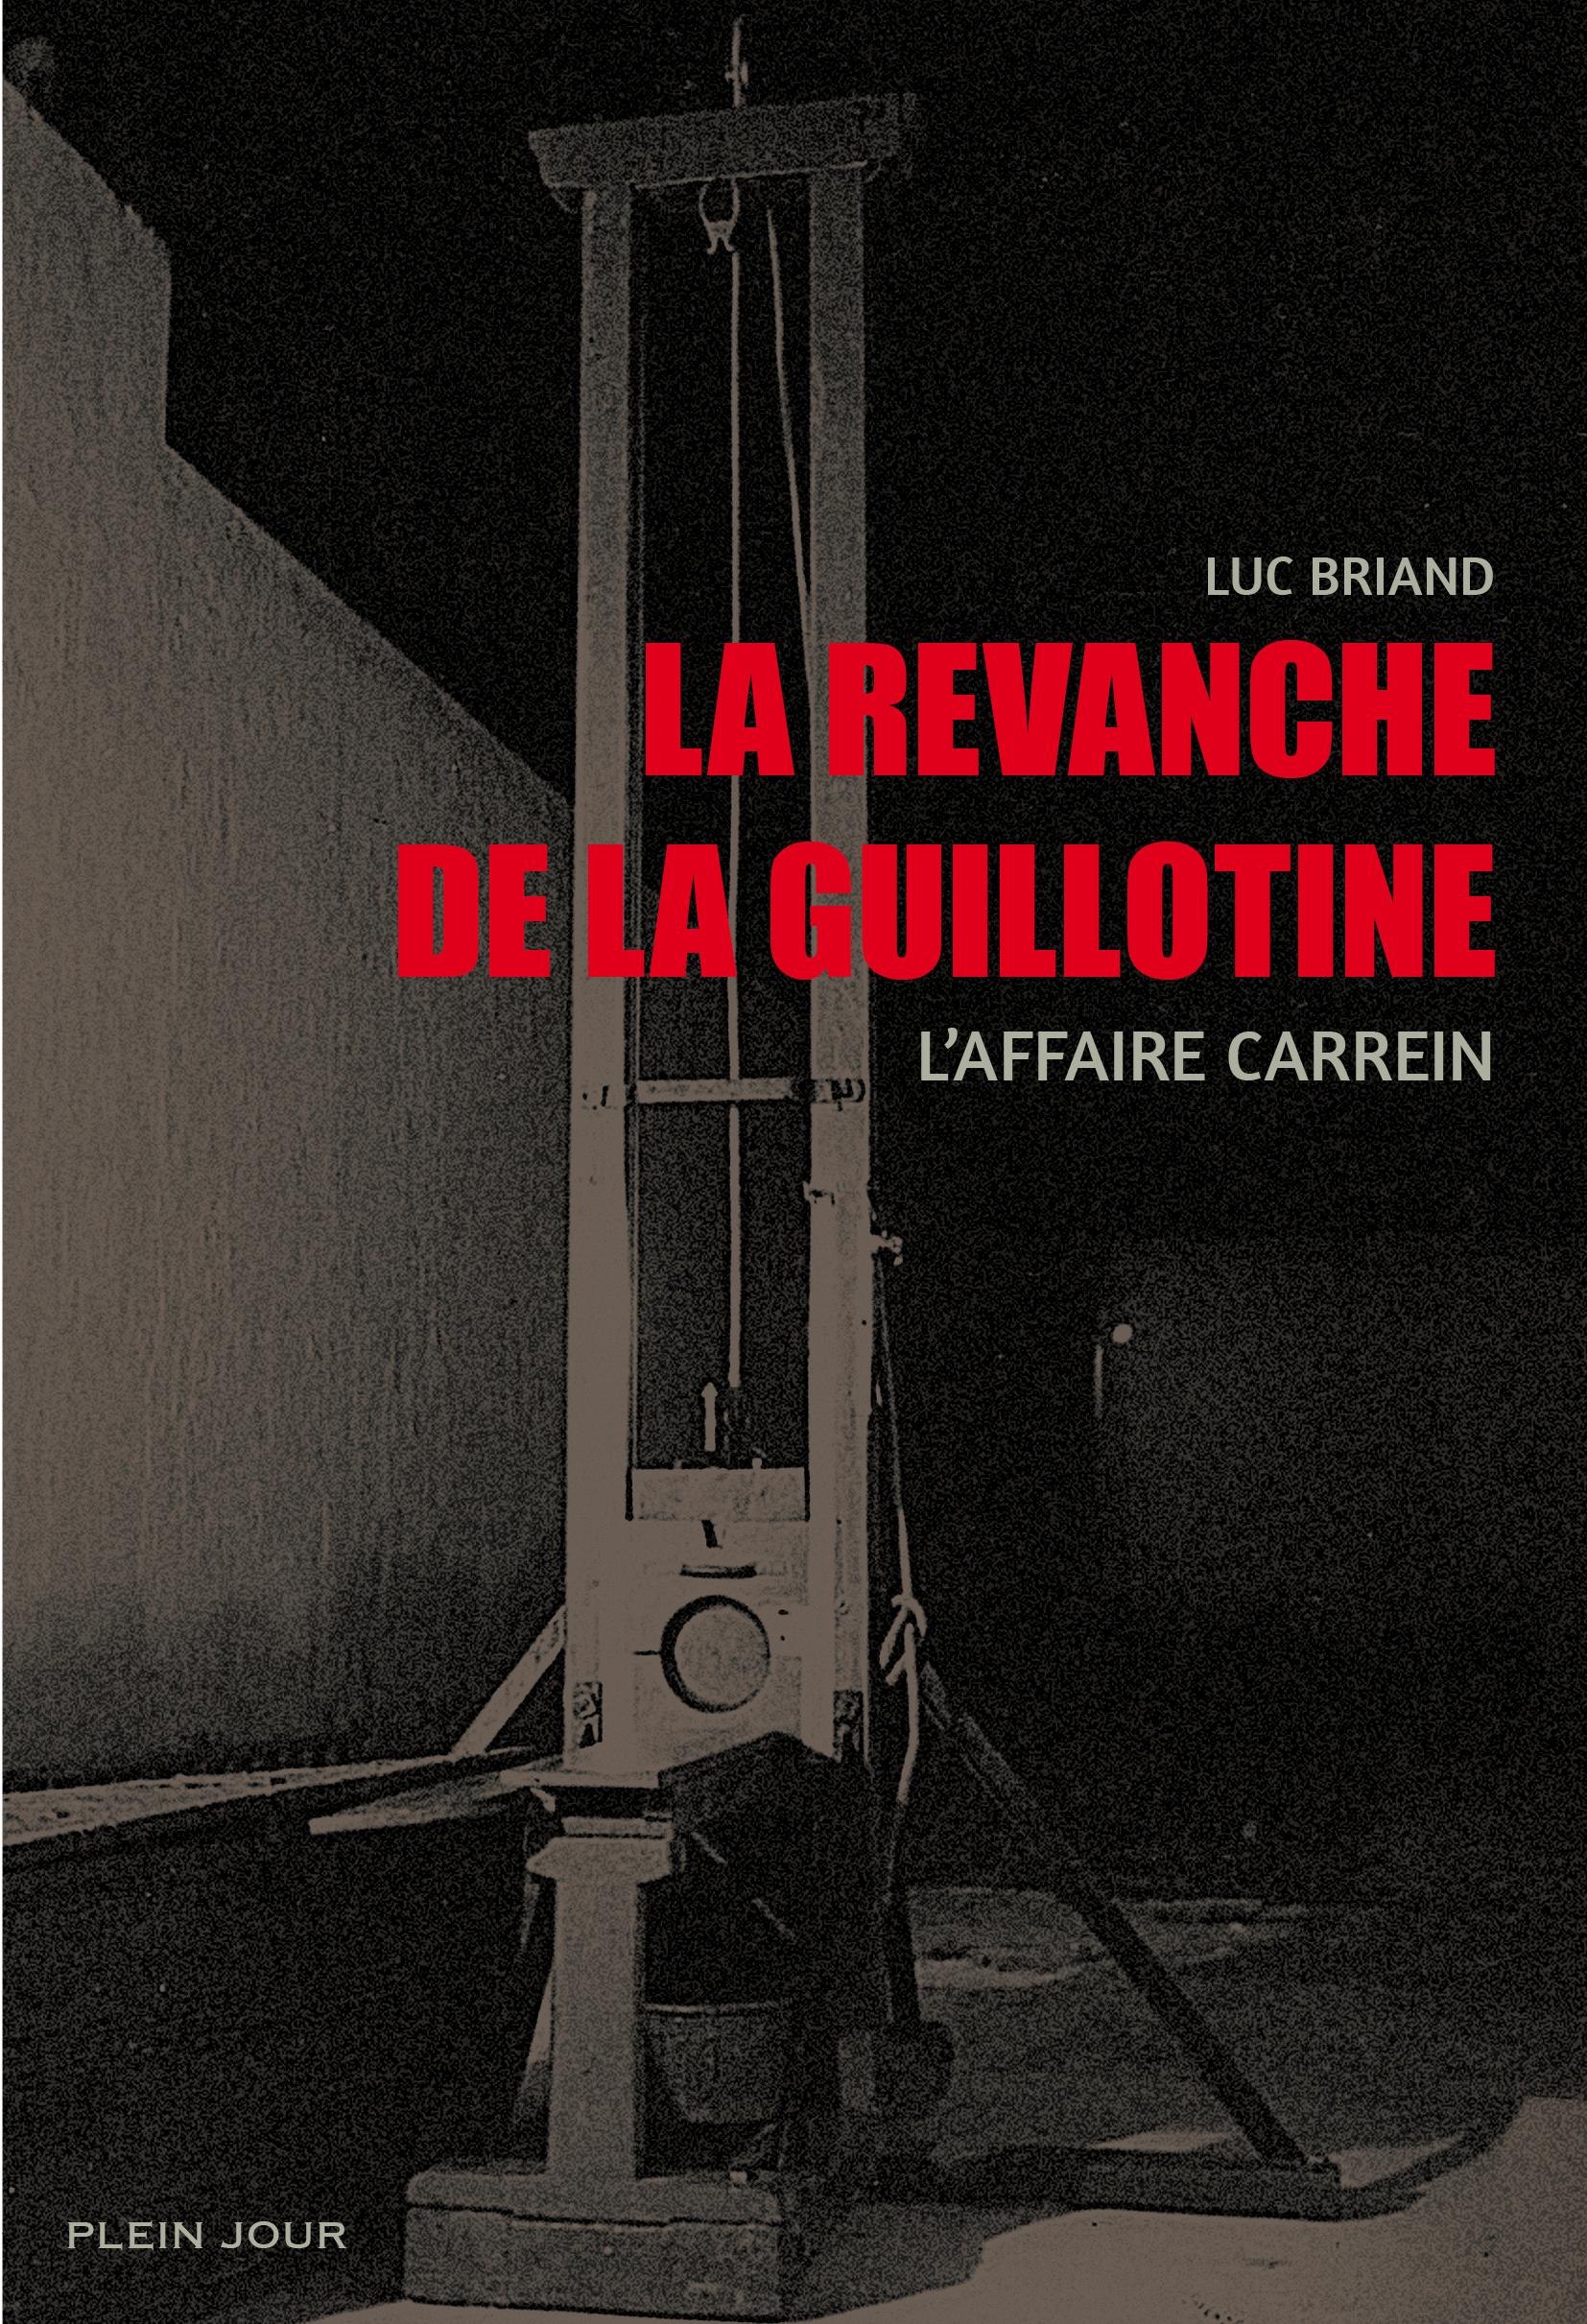 LA REVANCHE DE LA GUILLOTINE : L'AFFAIRE CARREIN